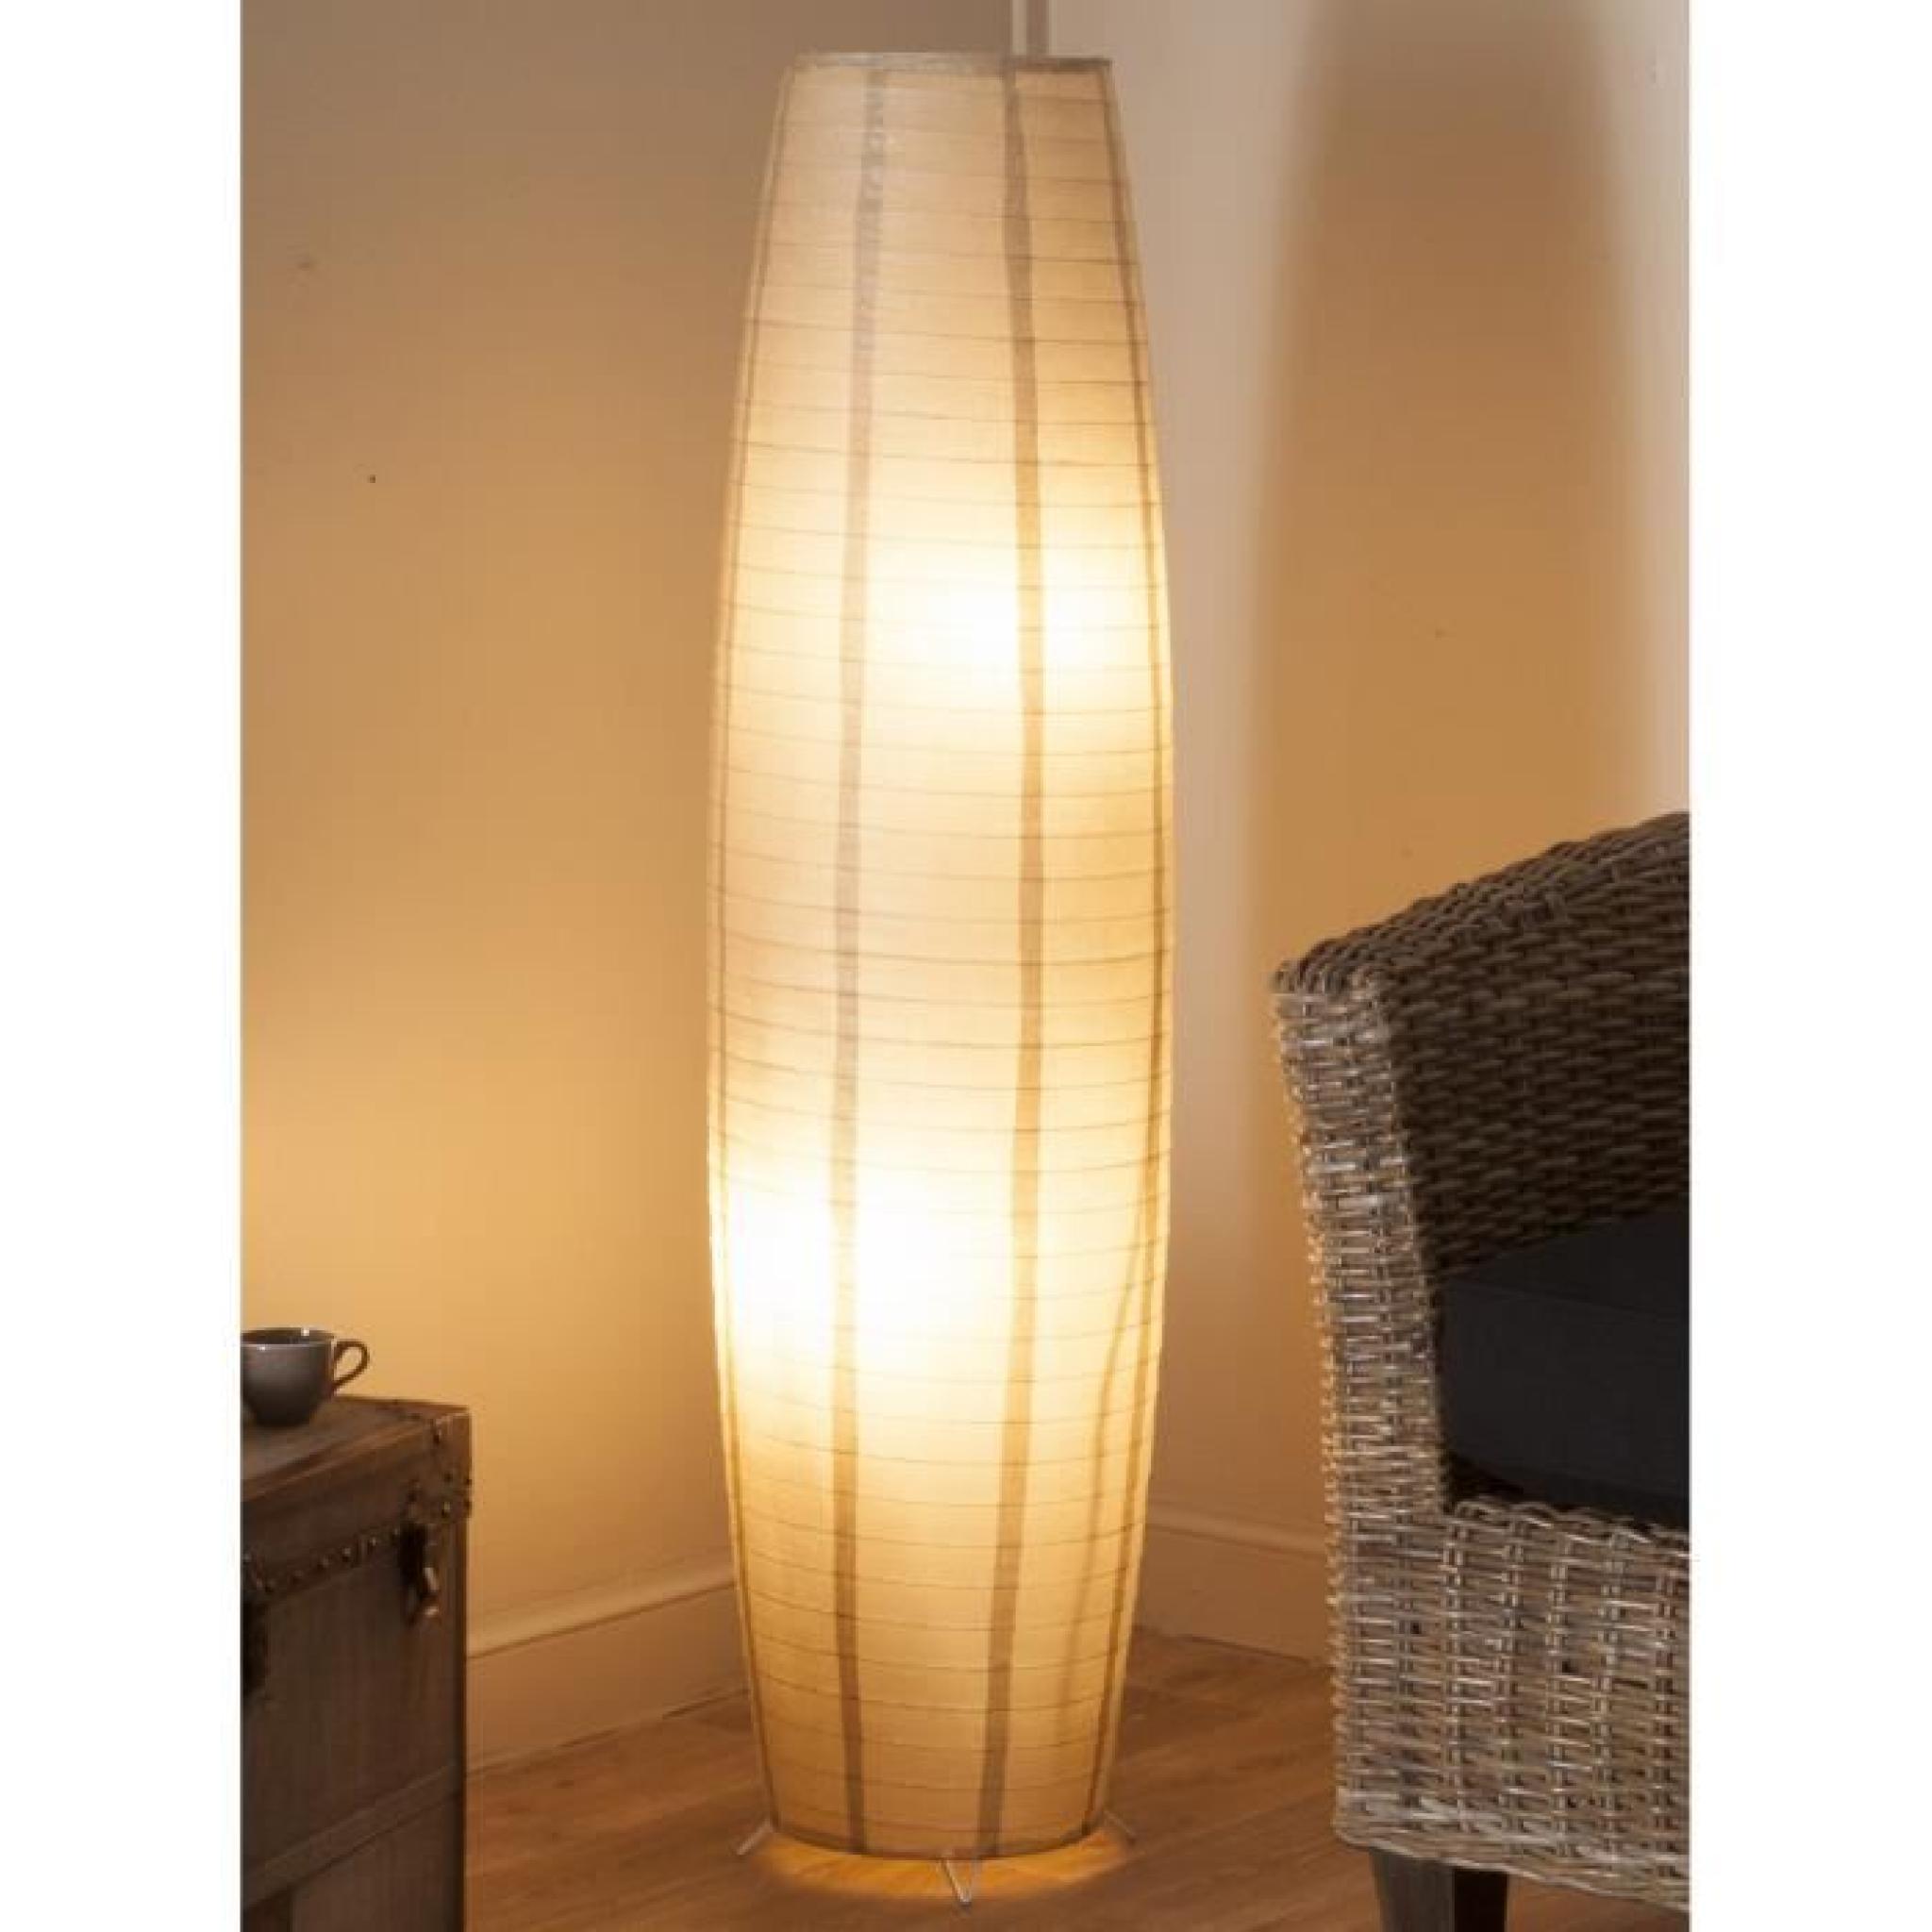 lampadaire papier de riz taupe hauteur 130cm achat vente lampadaire pas cher couleur et. Black Bedroom Furniture Sets. Home Design Ideas